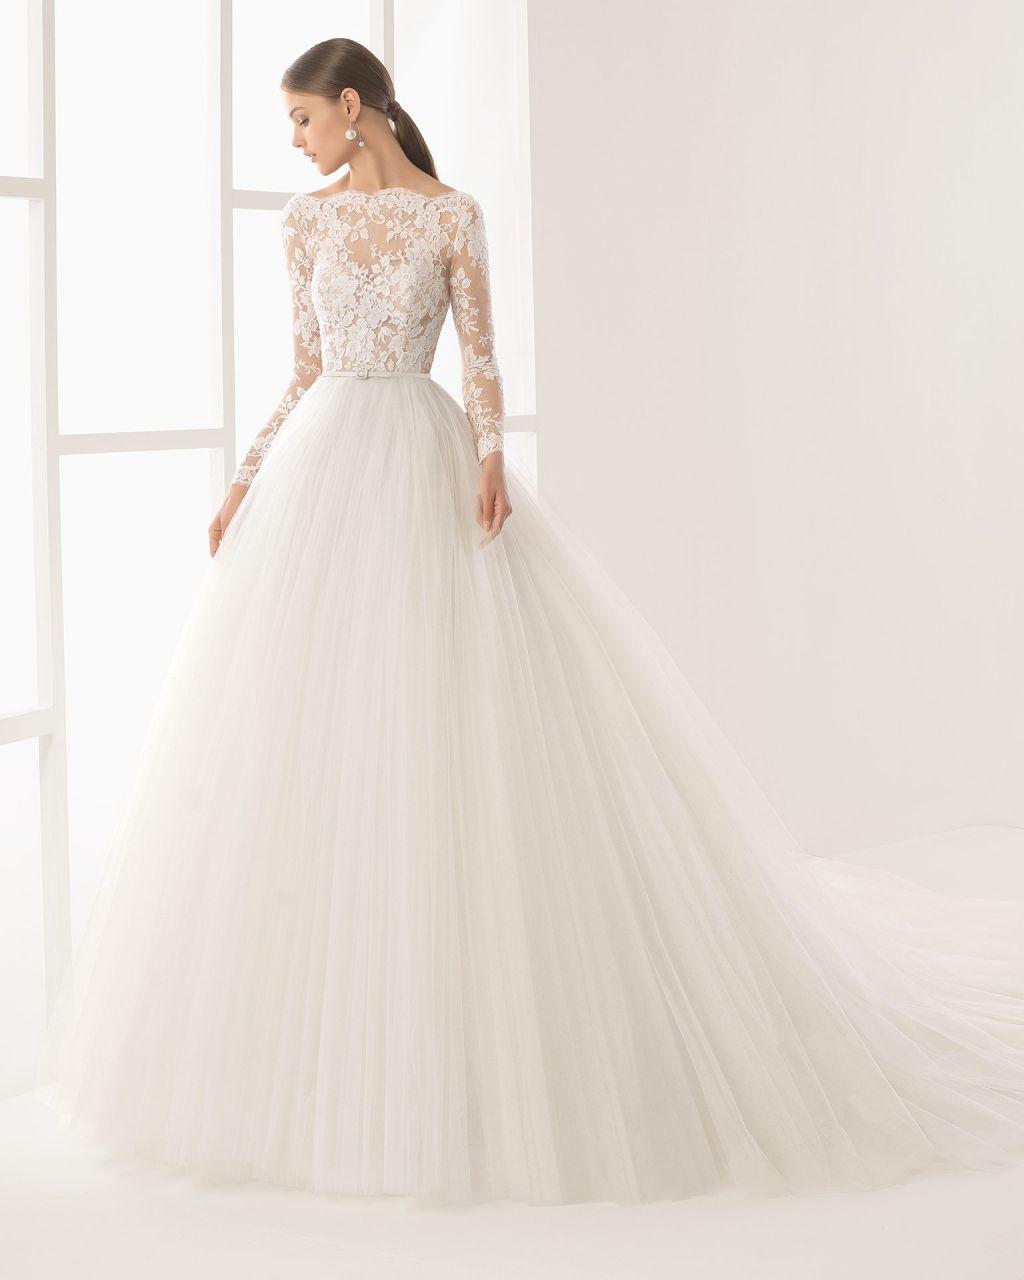 c2e86f8b3c Vestidos de novia espana puebla - Vestidos no caros 2019